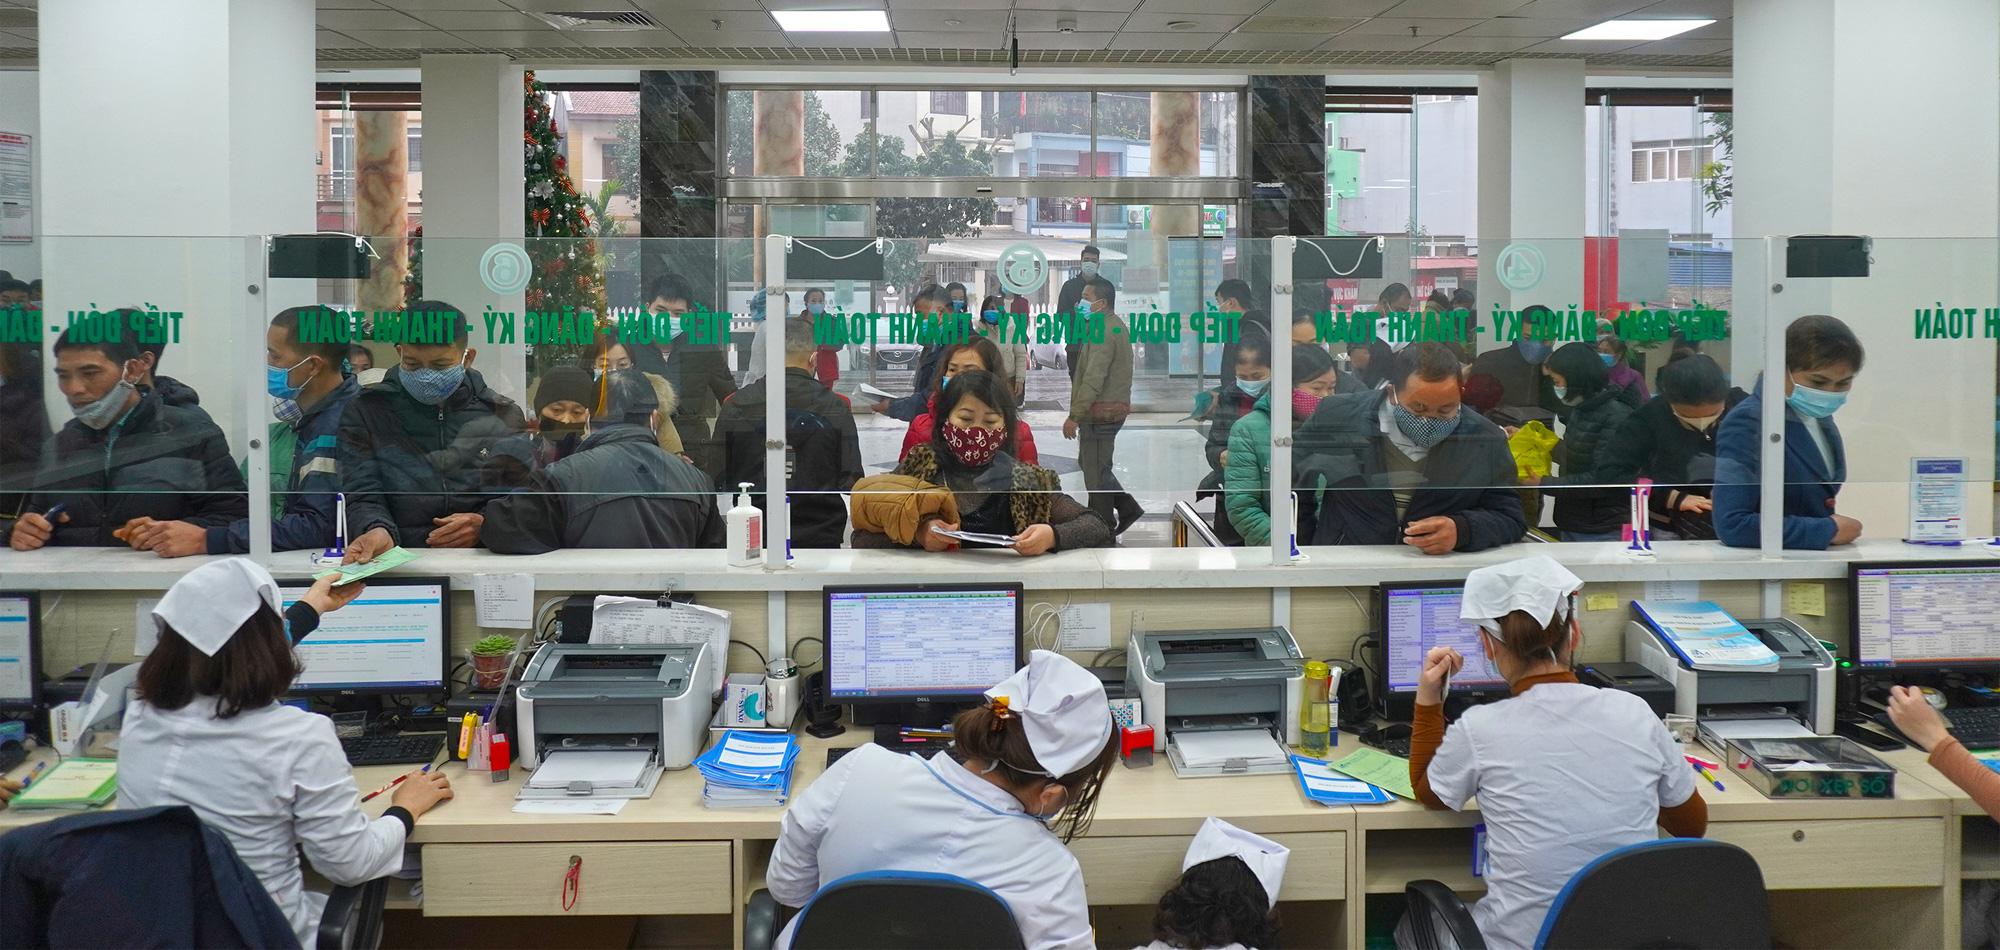 Công ty Cổ phần Bệnh viện Quốc tế Thái Nguyên và câu chuyện tìm vốn trên thị trường để phát triển chuỗi bệnh viện phục vụ được số đông người dân - Ảnh 9.